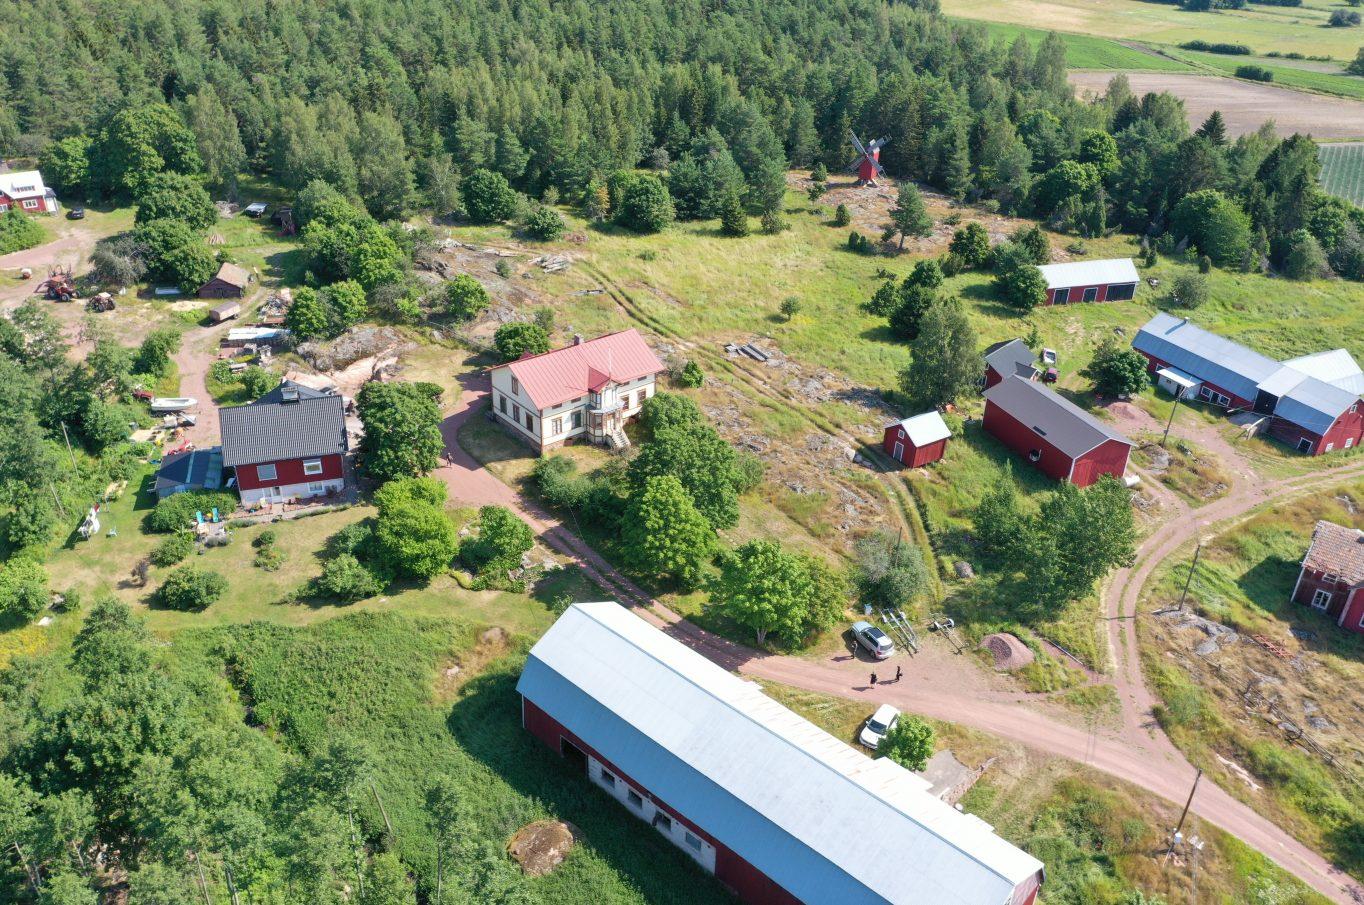 Ståtlig mangårdsbyggnad i Västergeta, Geta